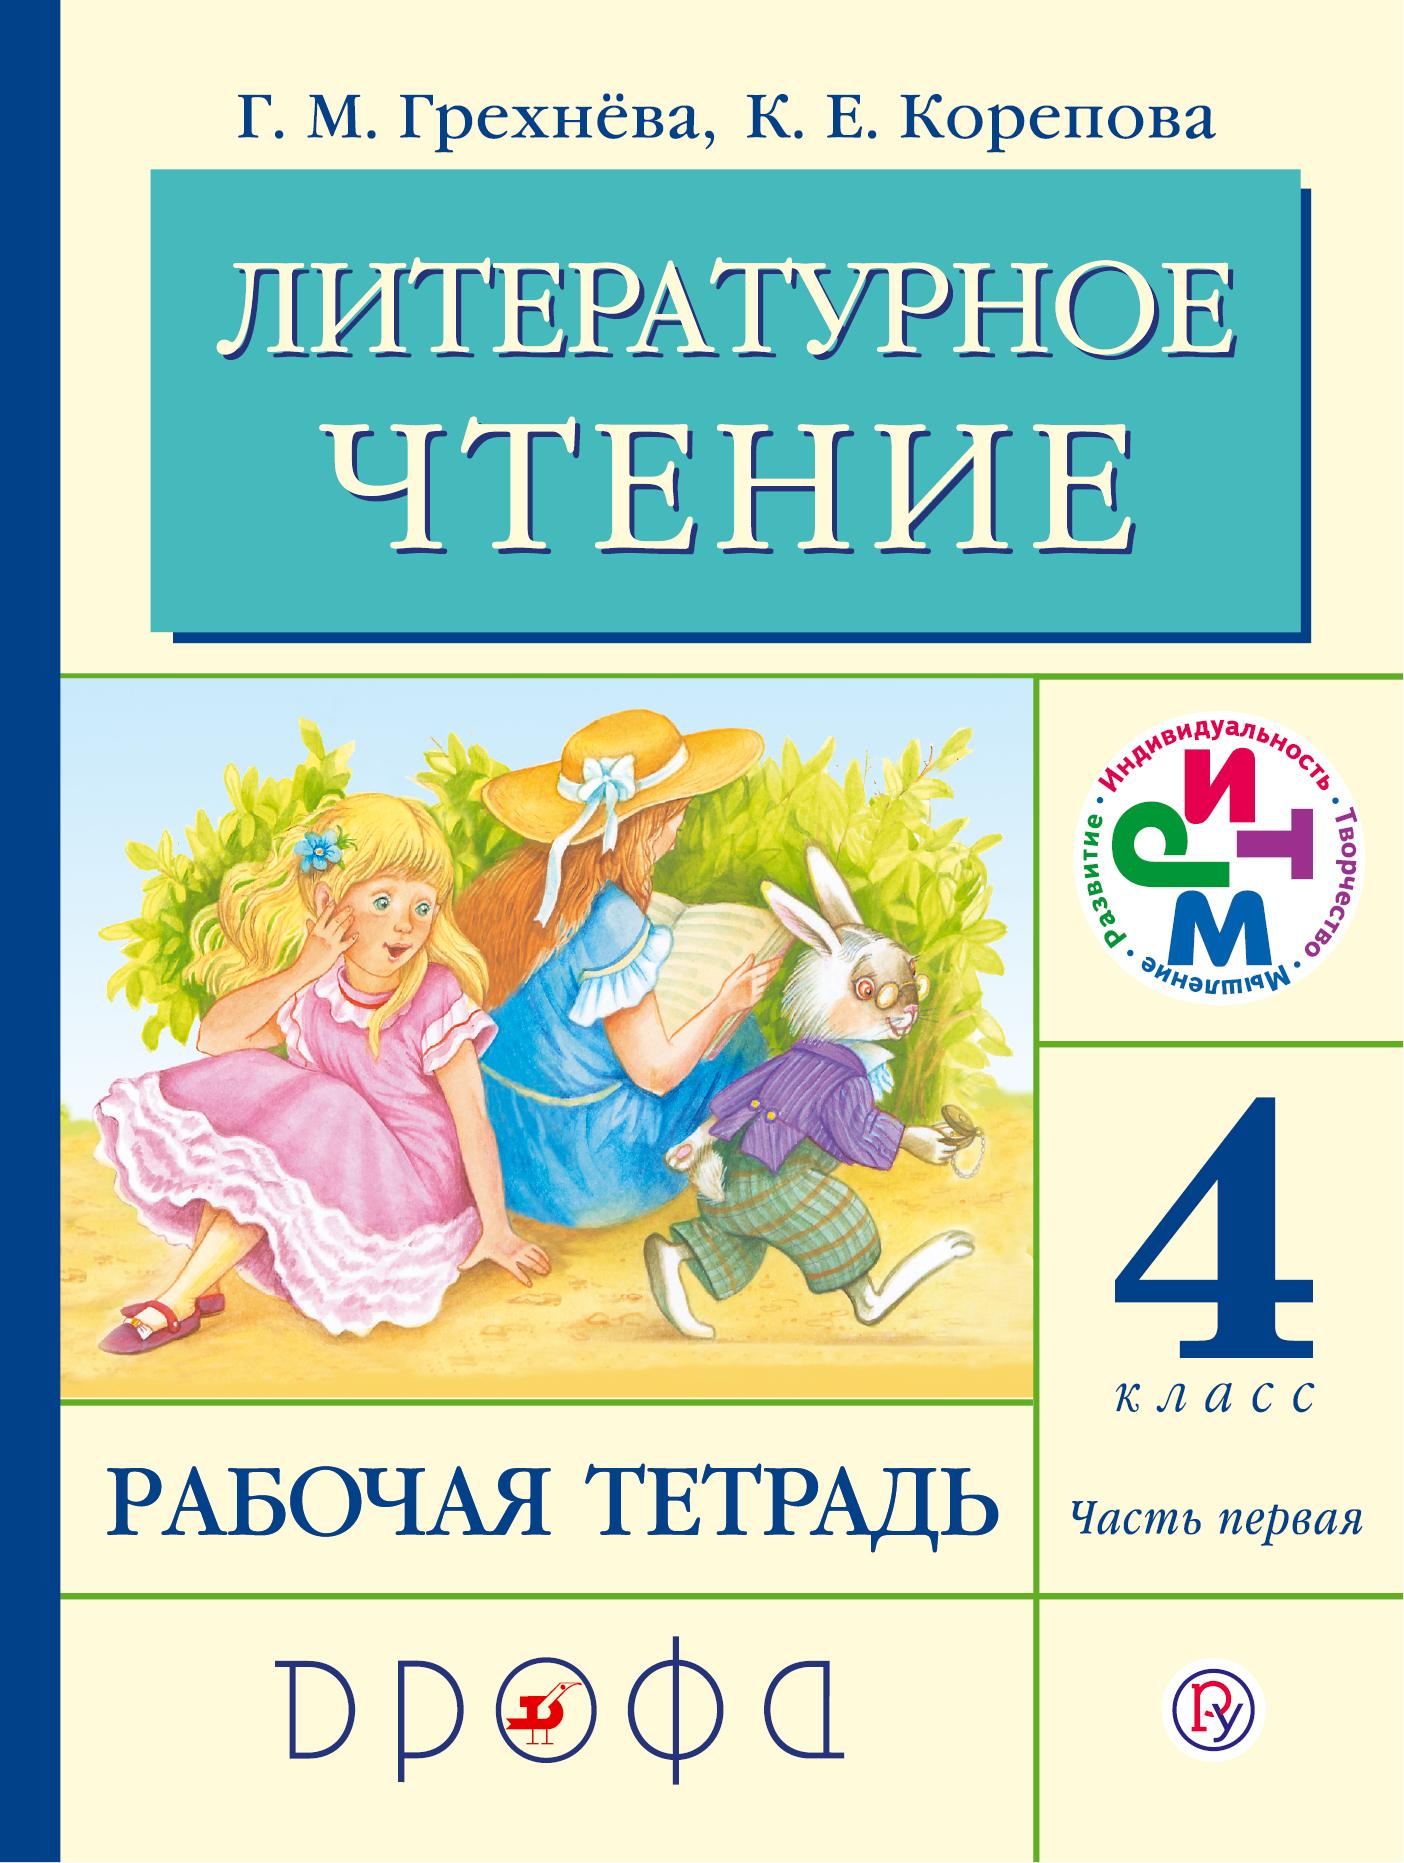 Грехнева Г.М., Корепова К.Е. Литературное чтение. 4 кл. Рабочая тетрадь. Часть 1. РИТМ учебники дрофа литературное чтение 4 кл рабочая тетрадь часть 1 ритм